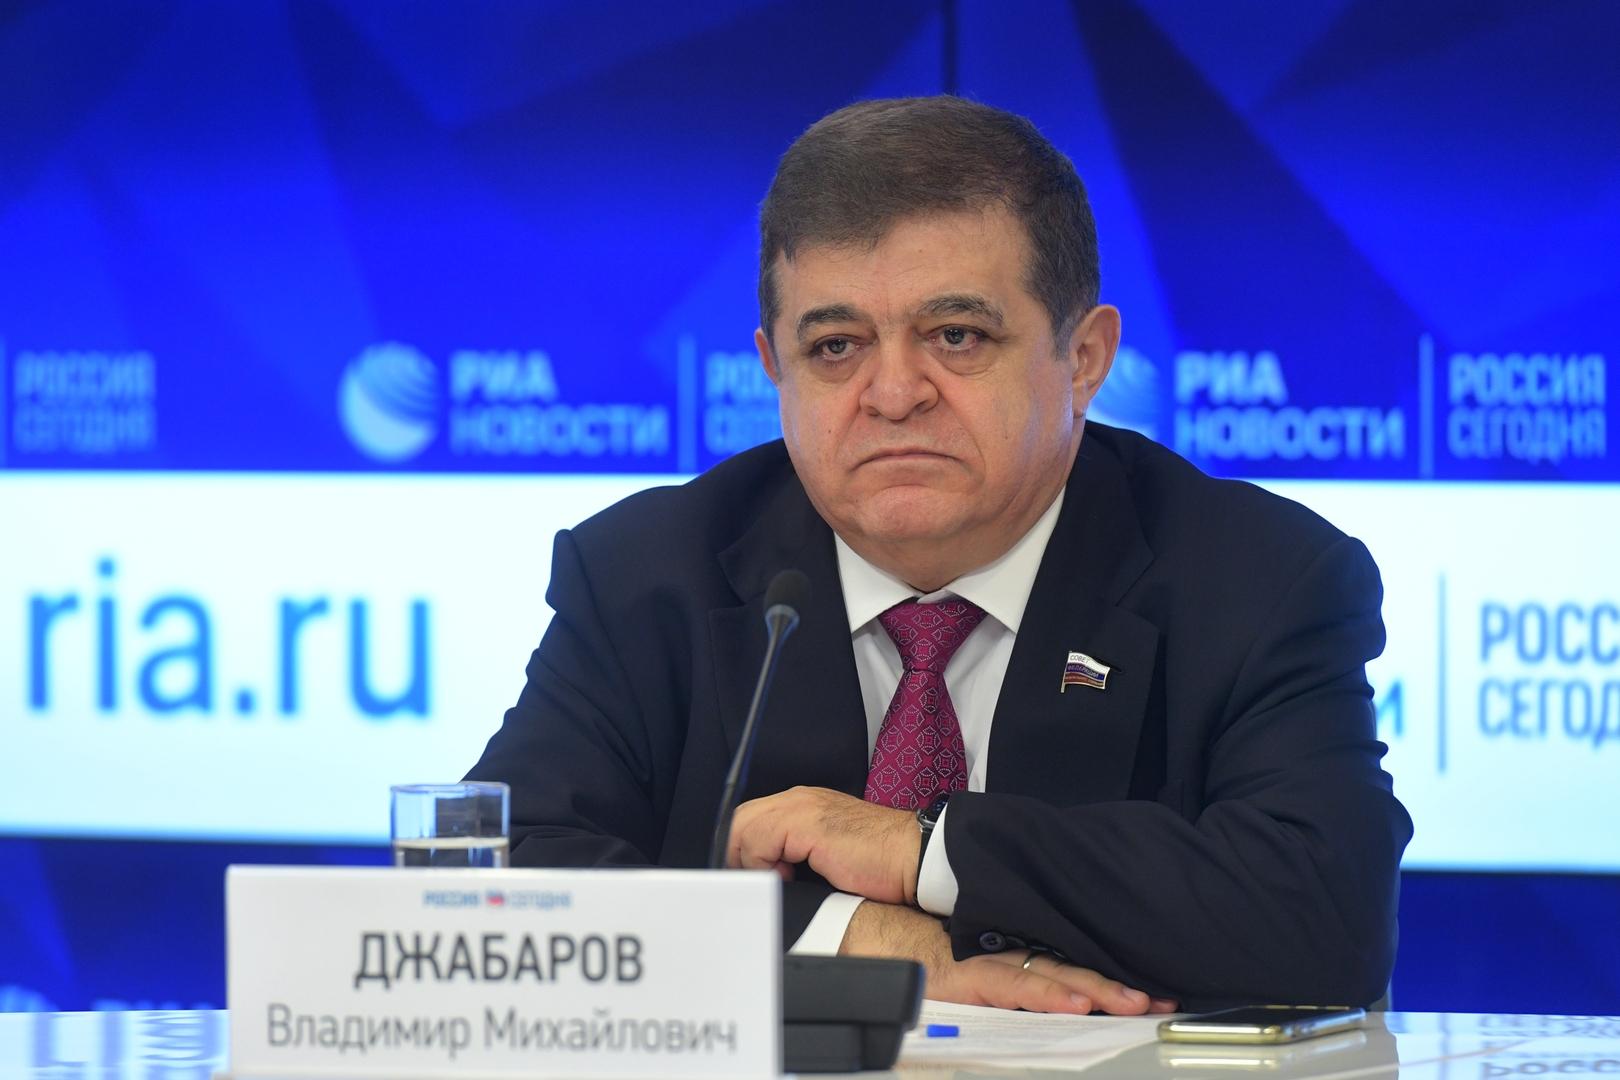 العضو في مجلس الاتحاد الروسي فلاديمير جباروف